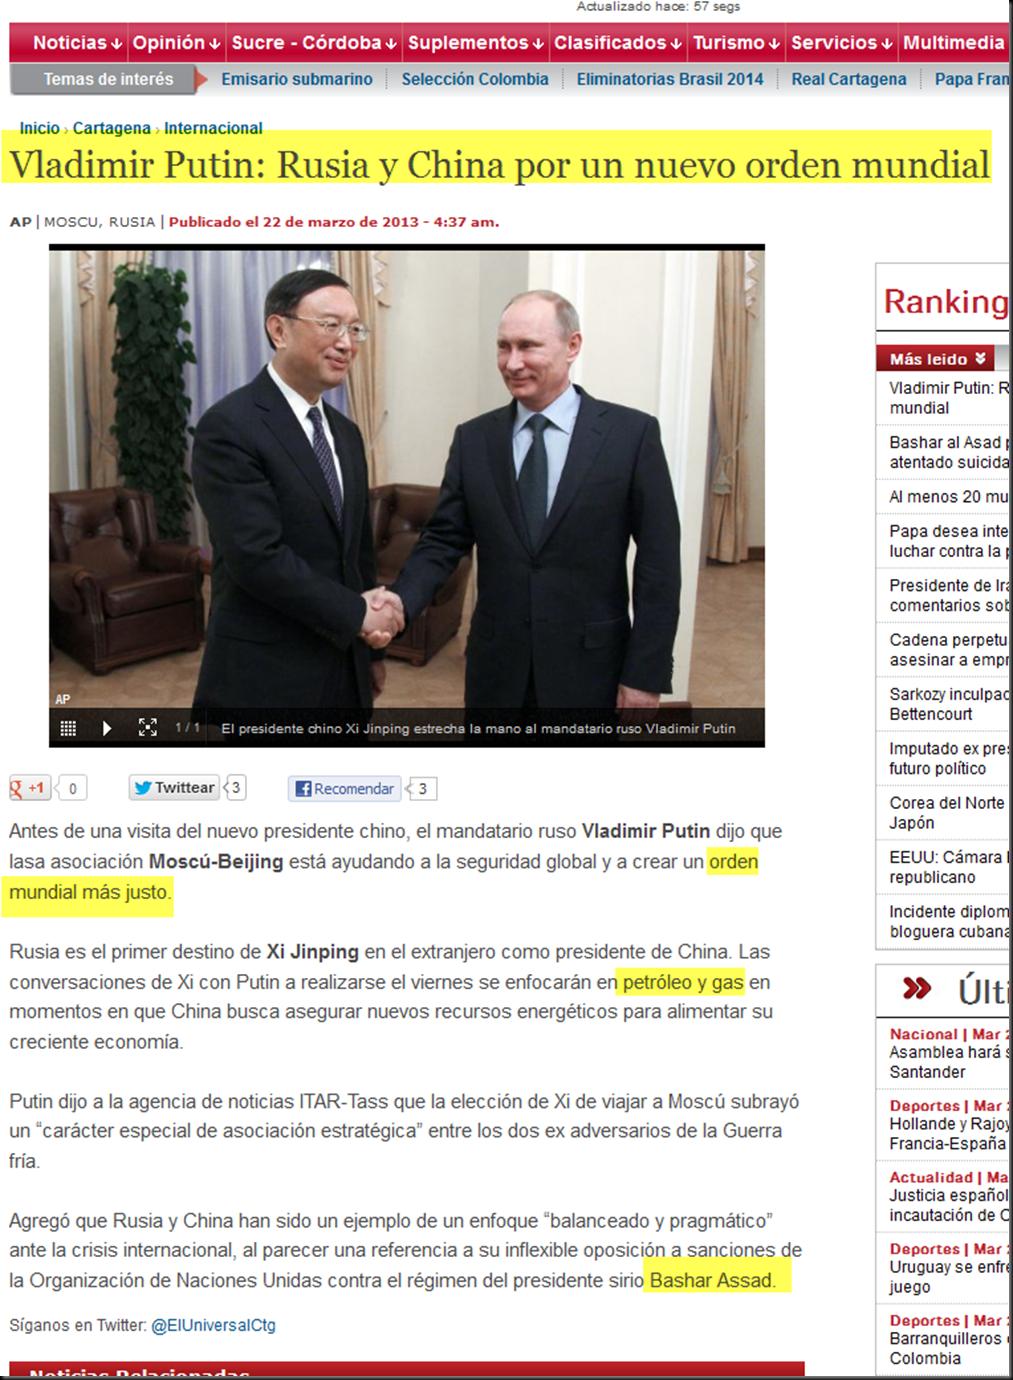 Vladimir Putin: Rusia y China por un nuevo orden mundial (El Universal, 22/03/2013) Image_thumb46